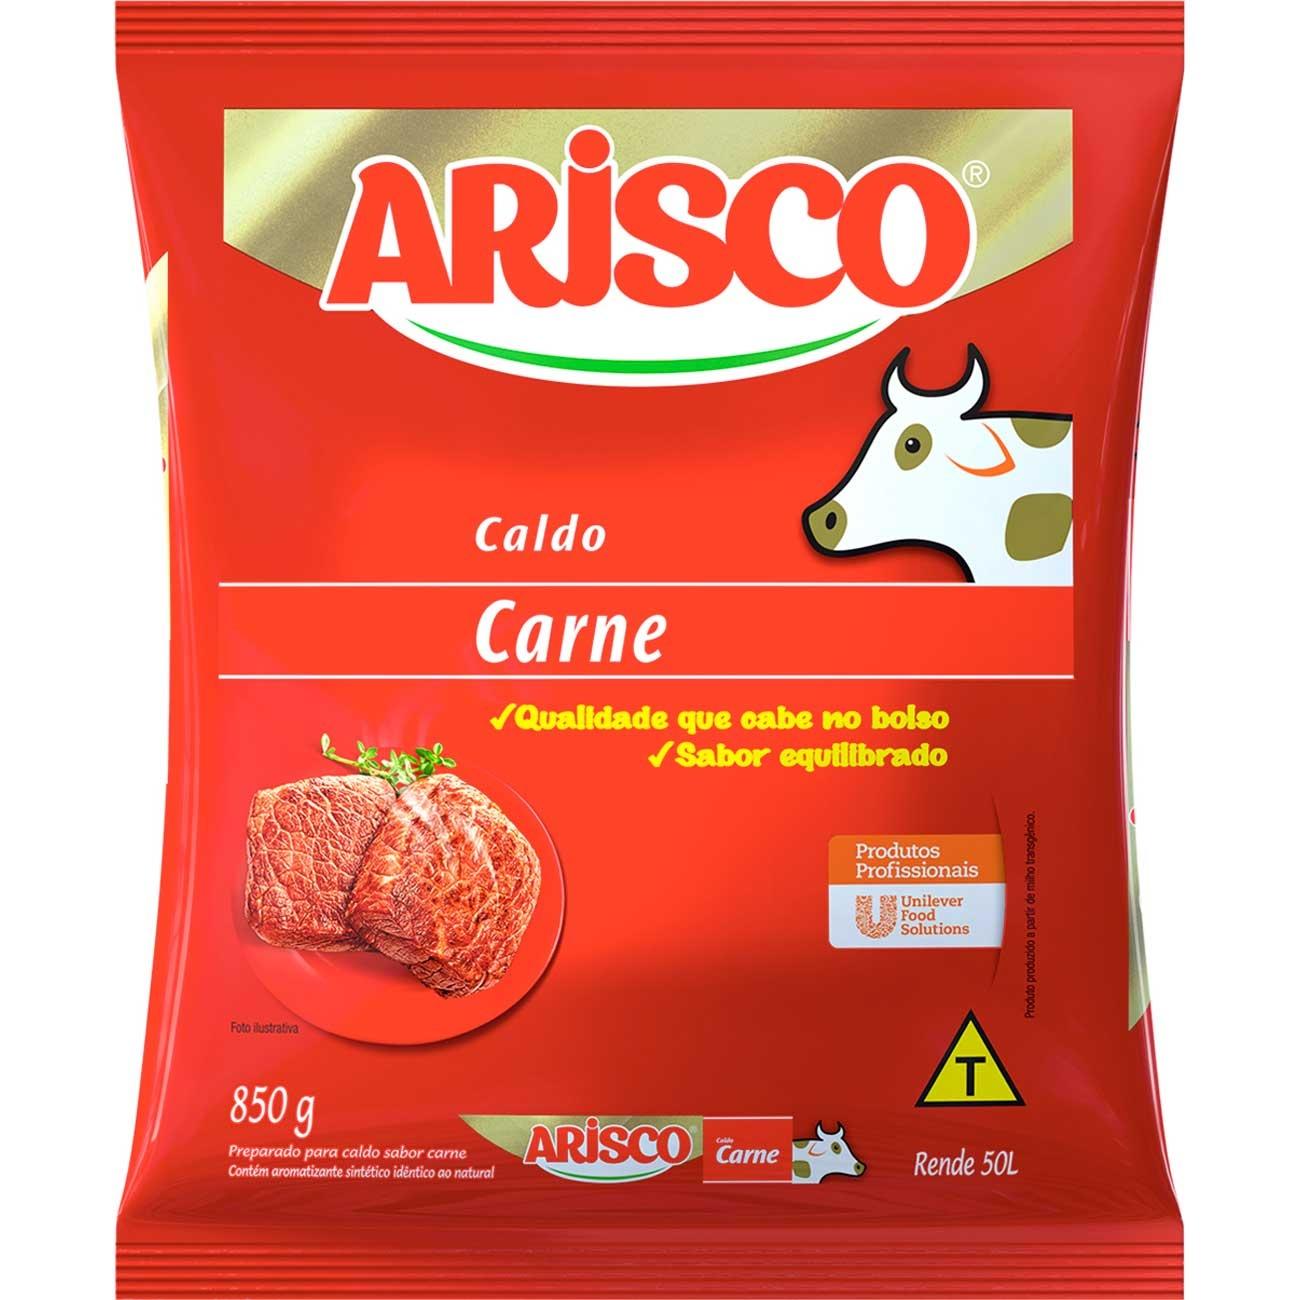 Caldo Arisco Carne 850g